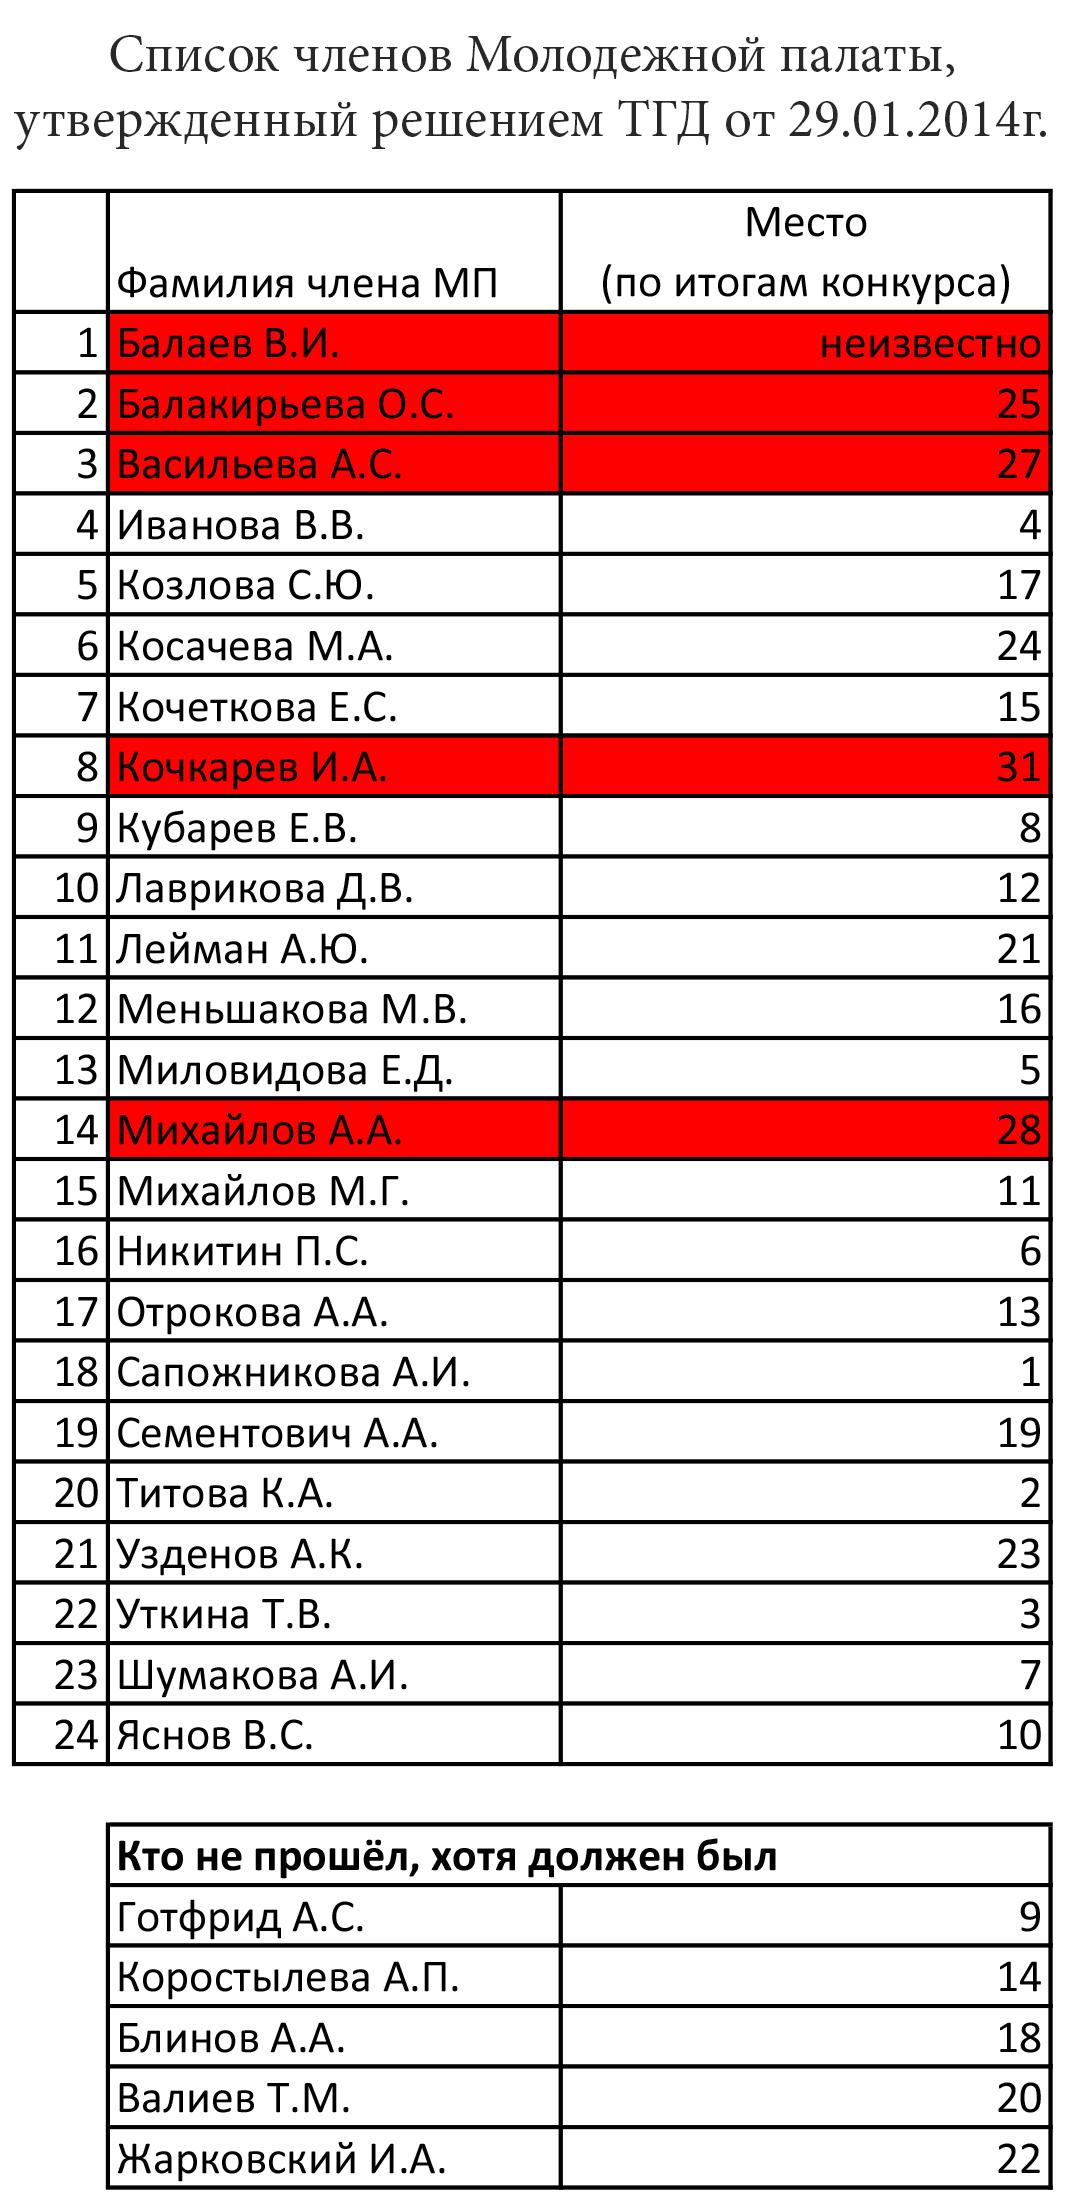 Таблица зачисленных решением ТГД в МП